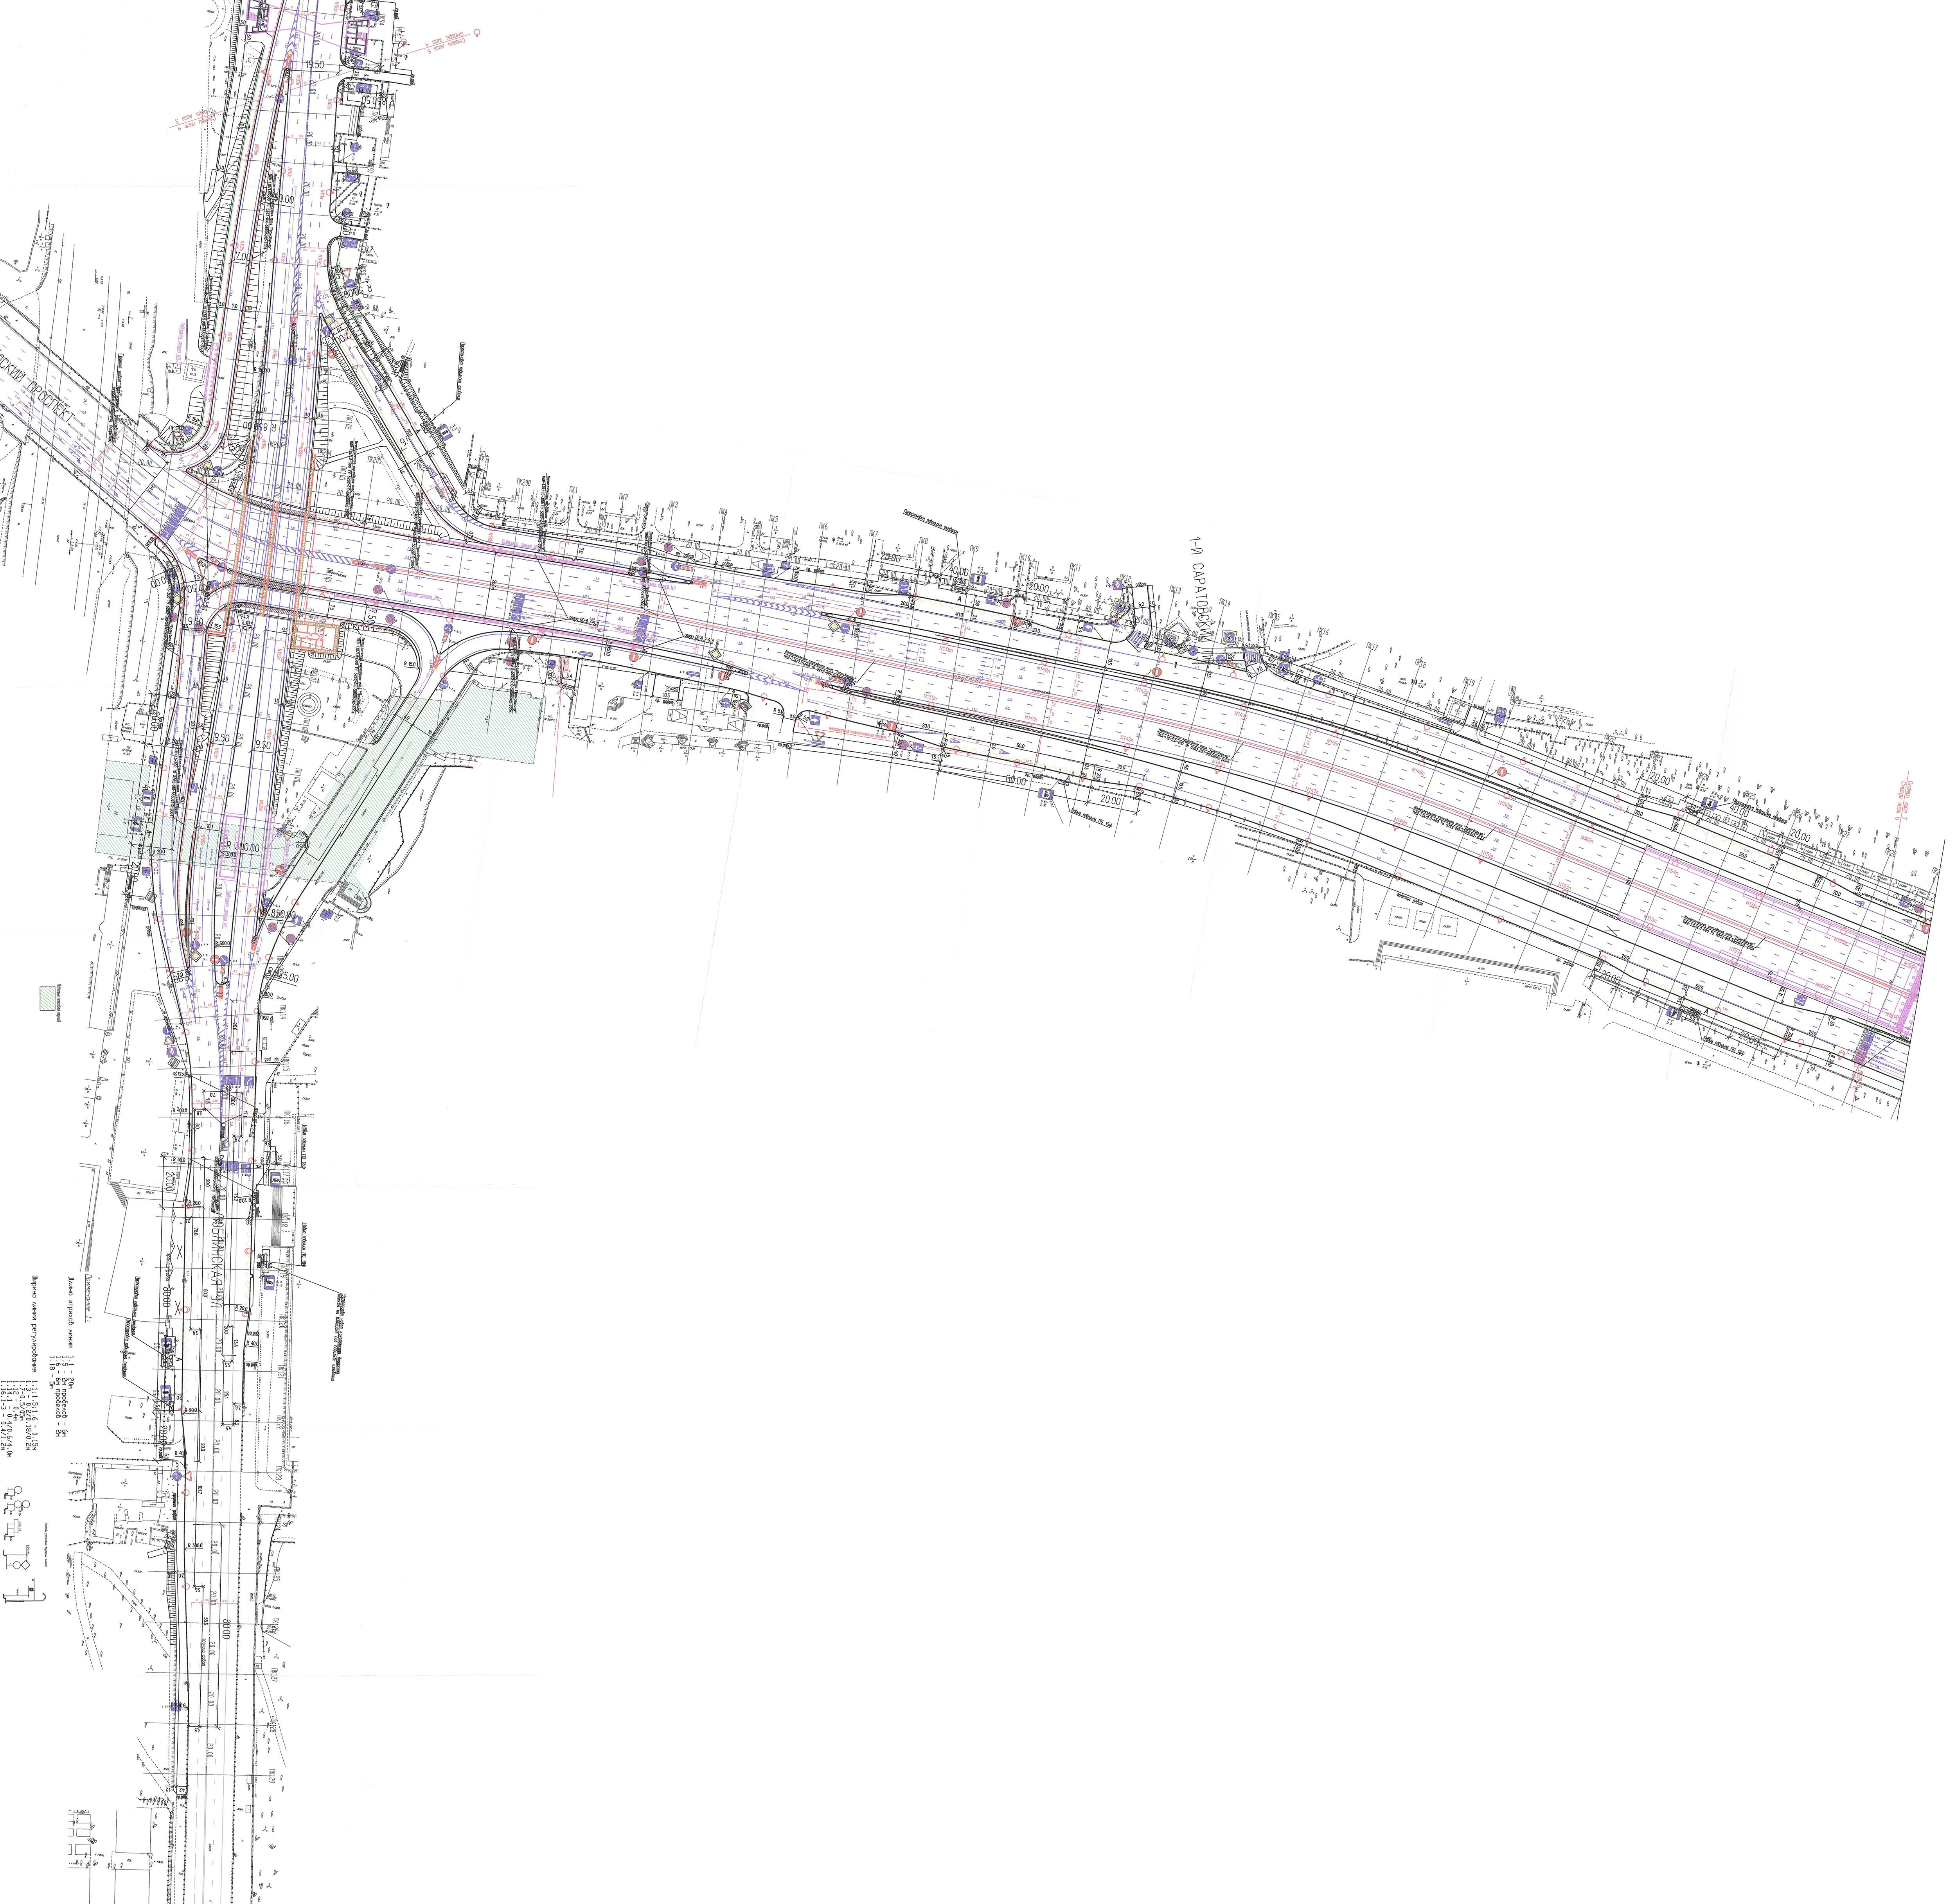 Схема развязки волгоградский проспект и люблинская улица